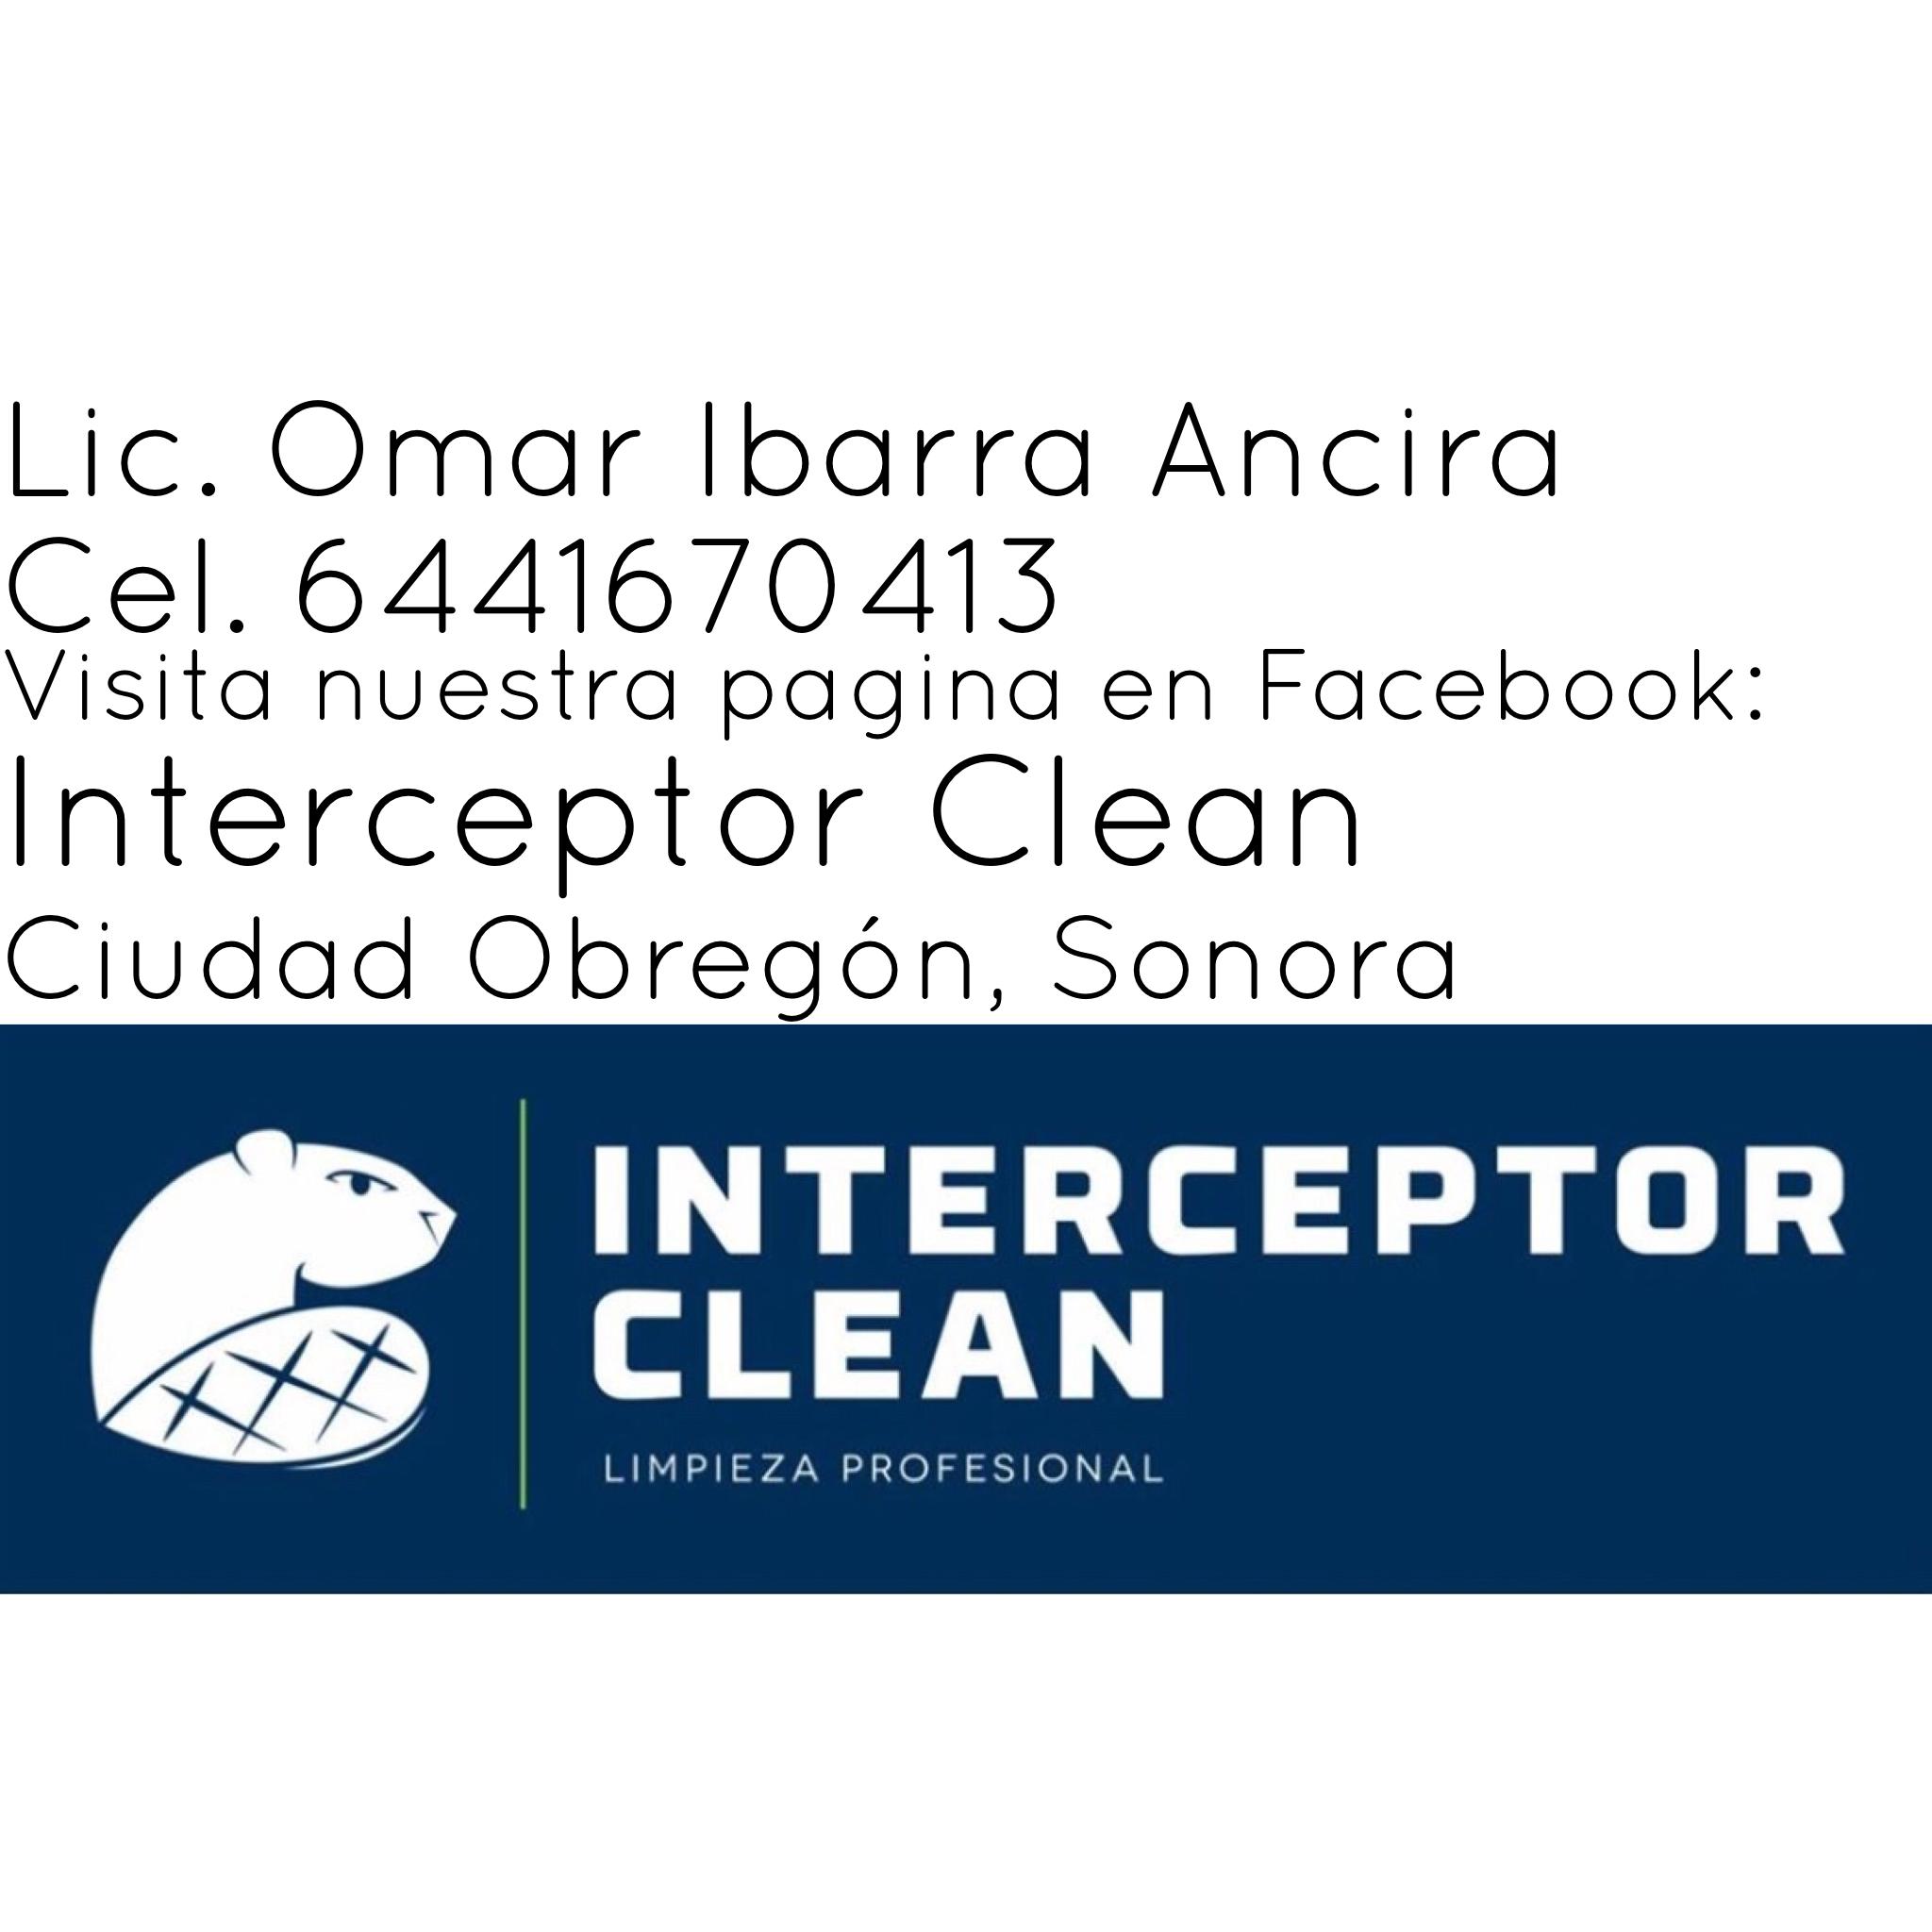 Interceptor Clean